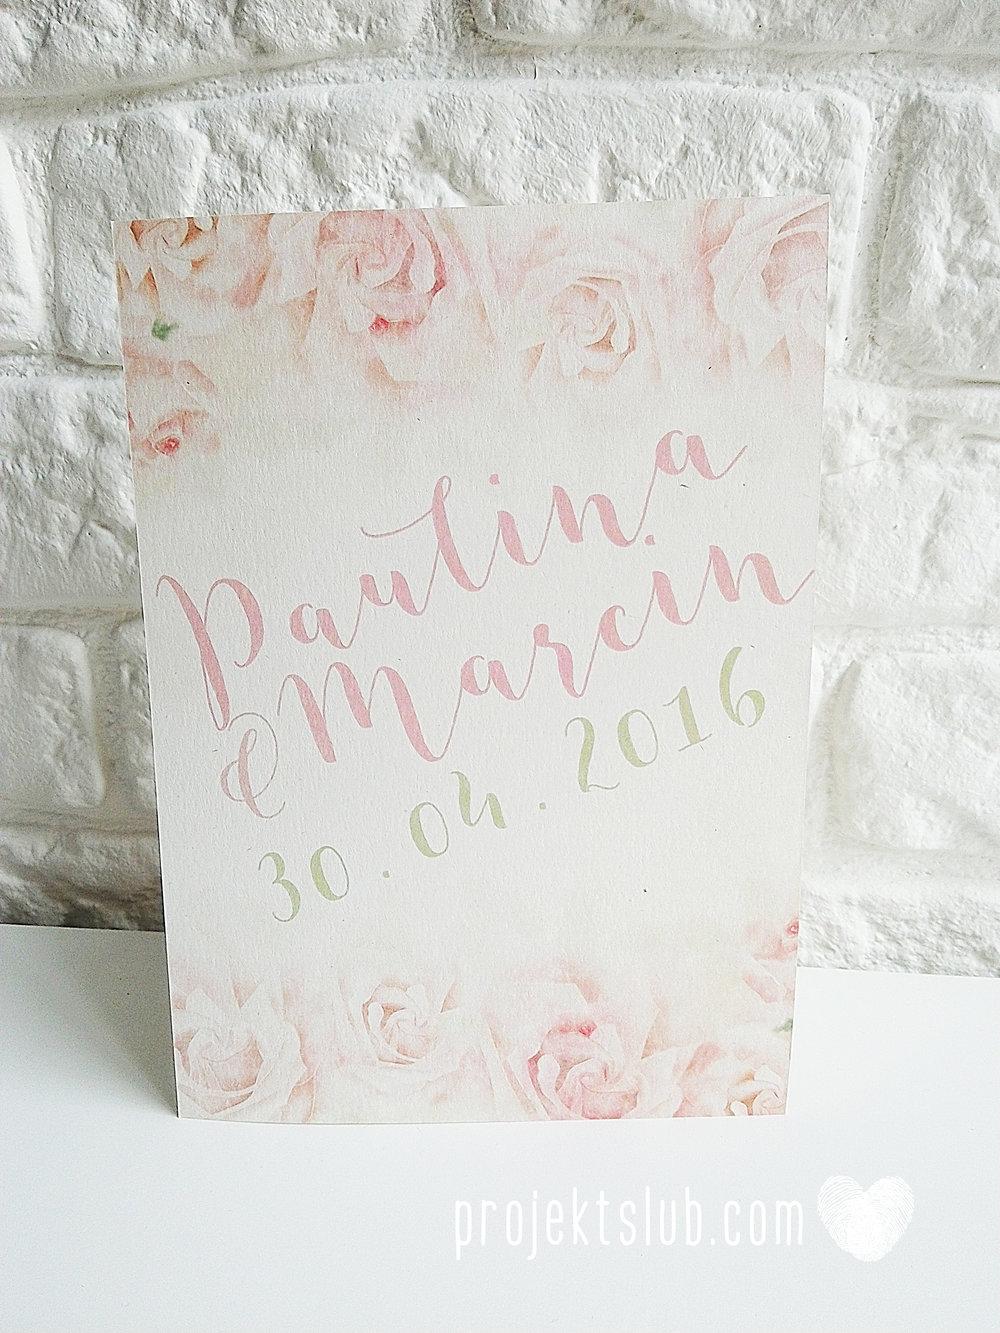 Zaproszenia Ślubne Boho Rustic Eko Oryginalne Wyjątkowe Rustykalne Akwarelowe Róże Pudrowe Kwiaty Projekt Ślub (7).jpg